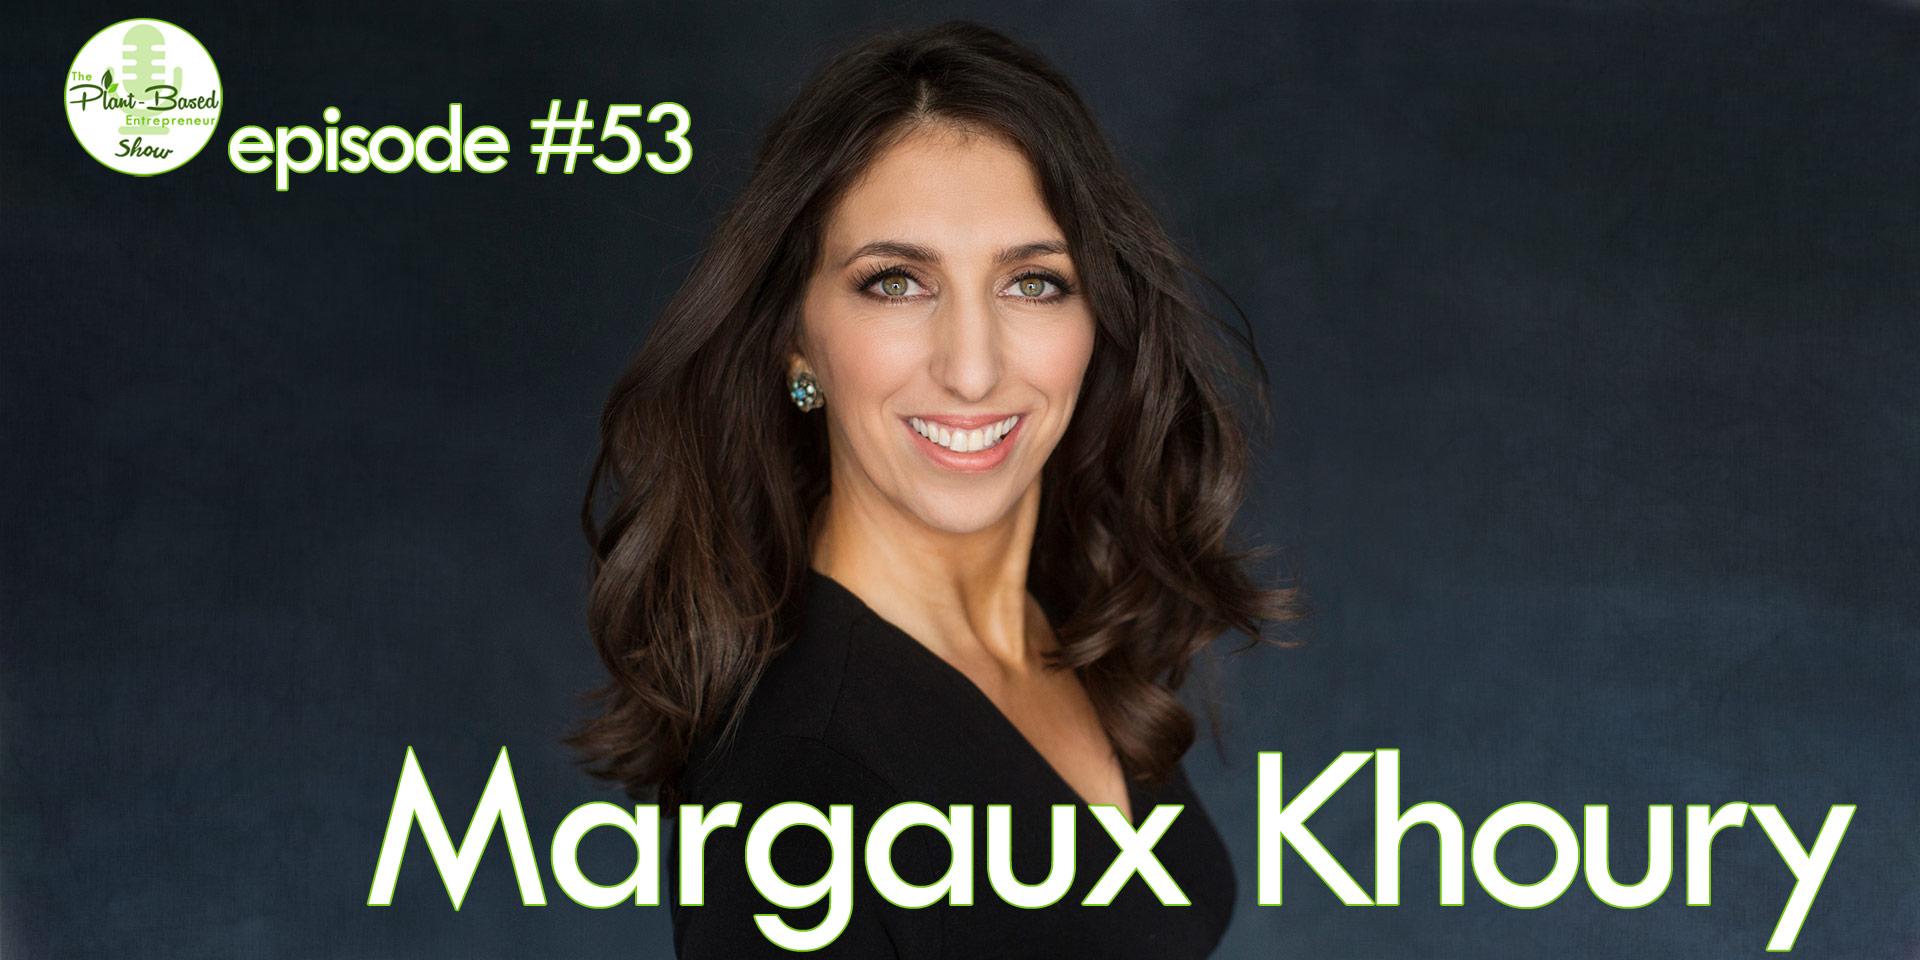 Episode #53 - Margaux Khoury